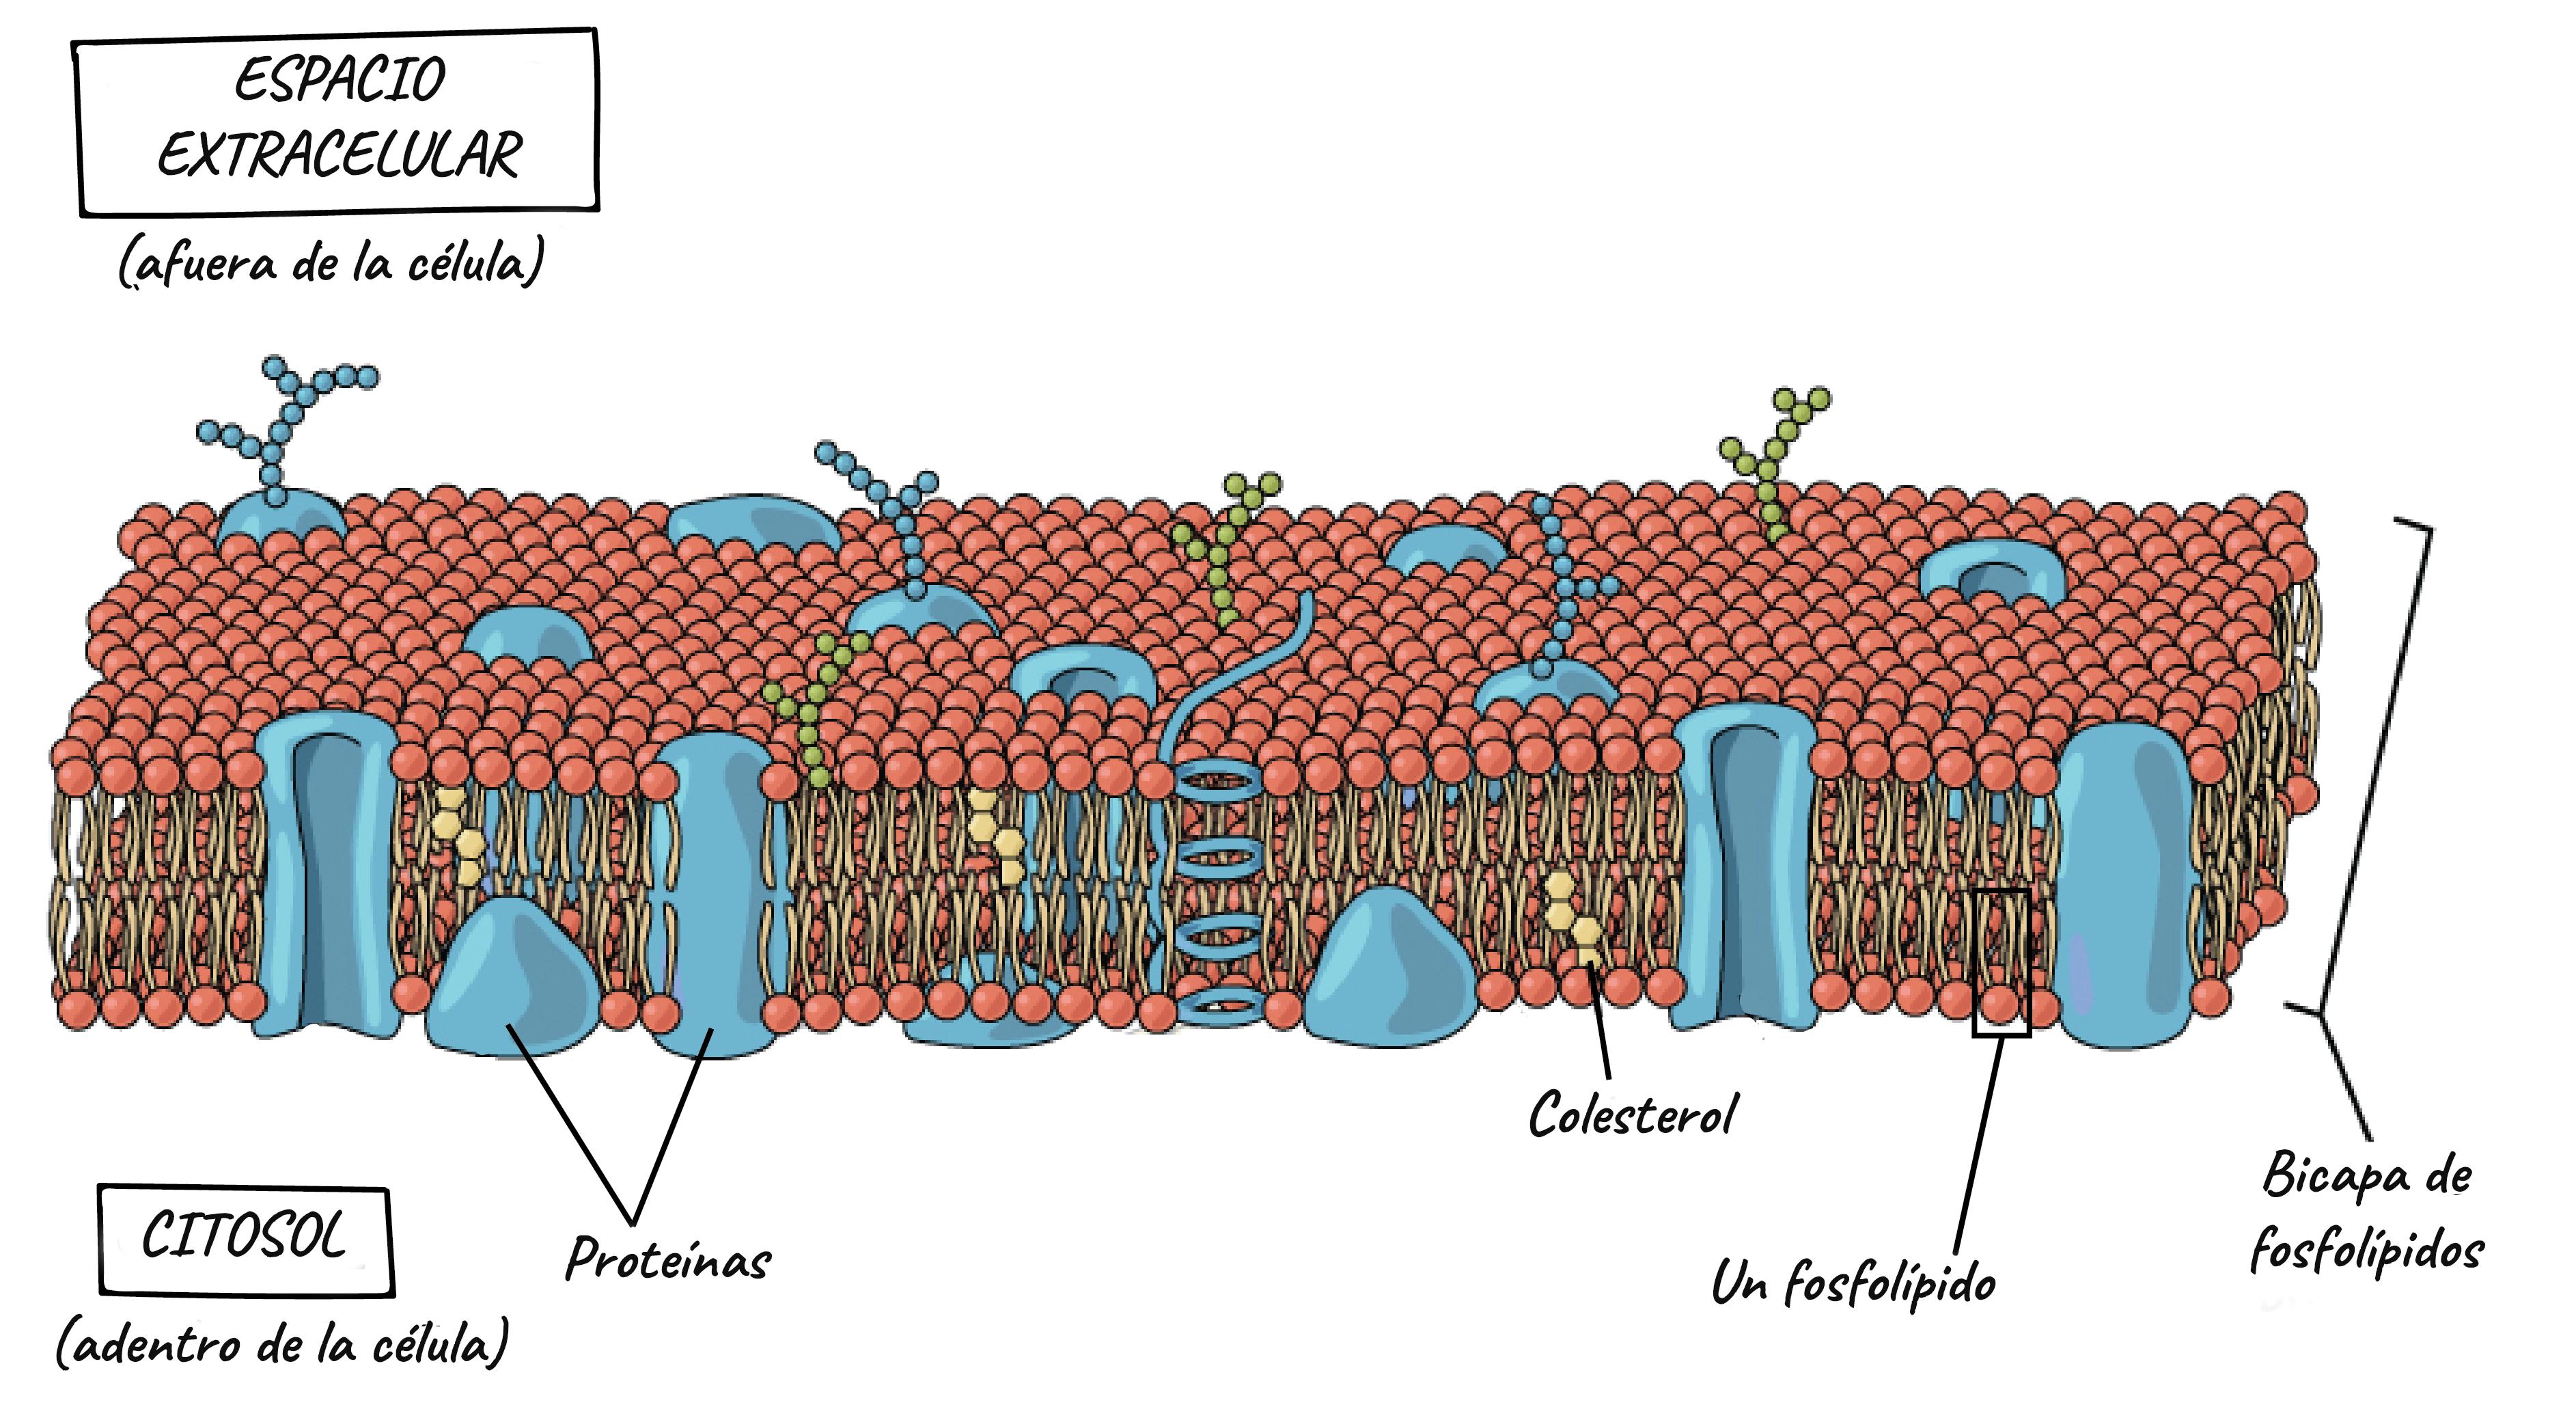 Membrana Plasmática Y Citoplasma Artículo Khan Academy